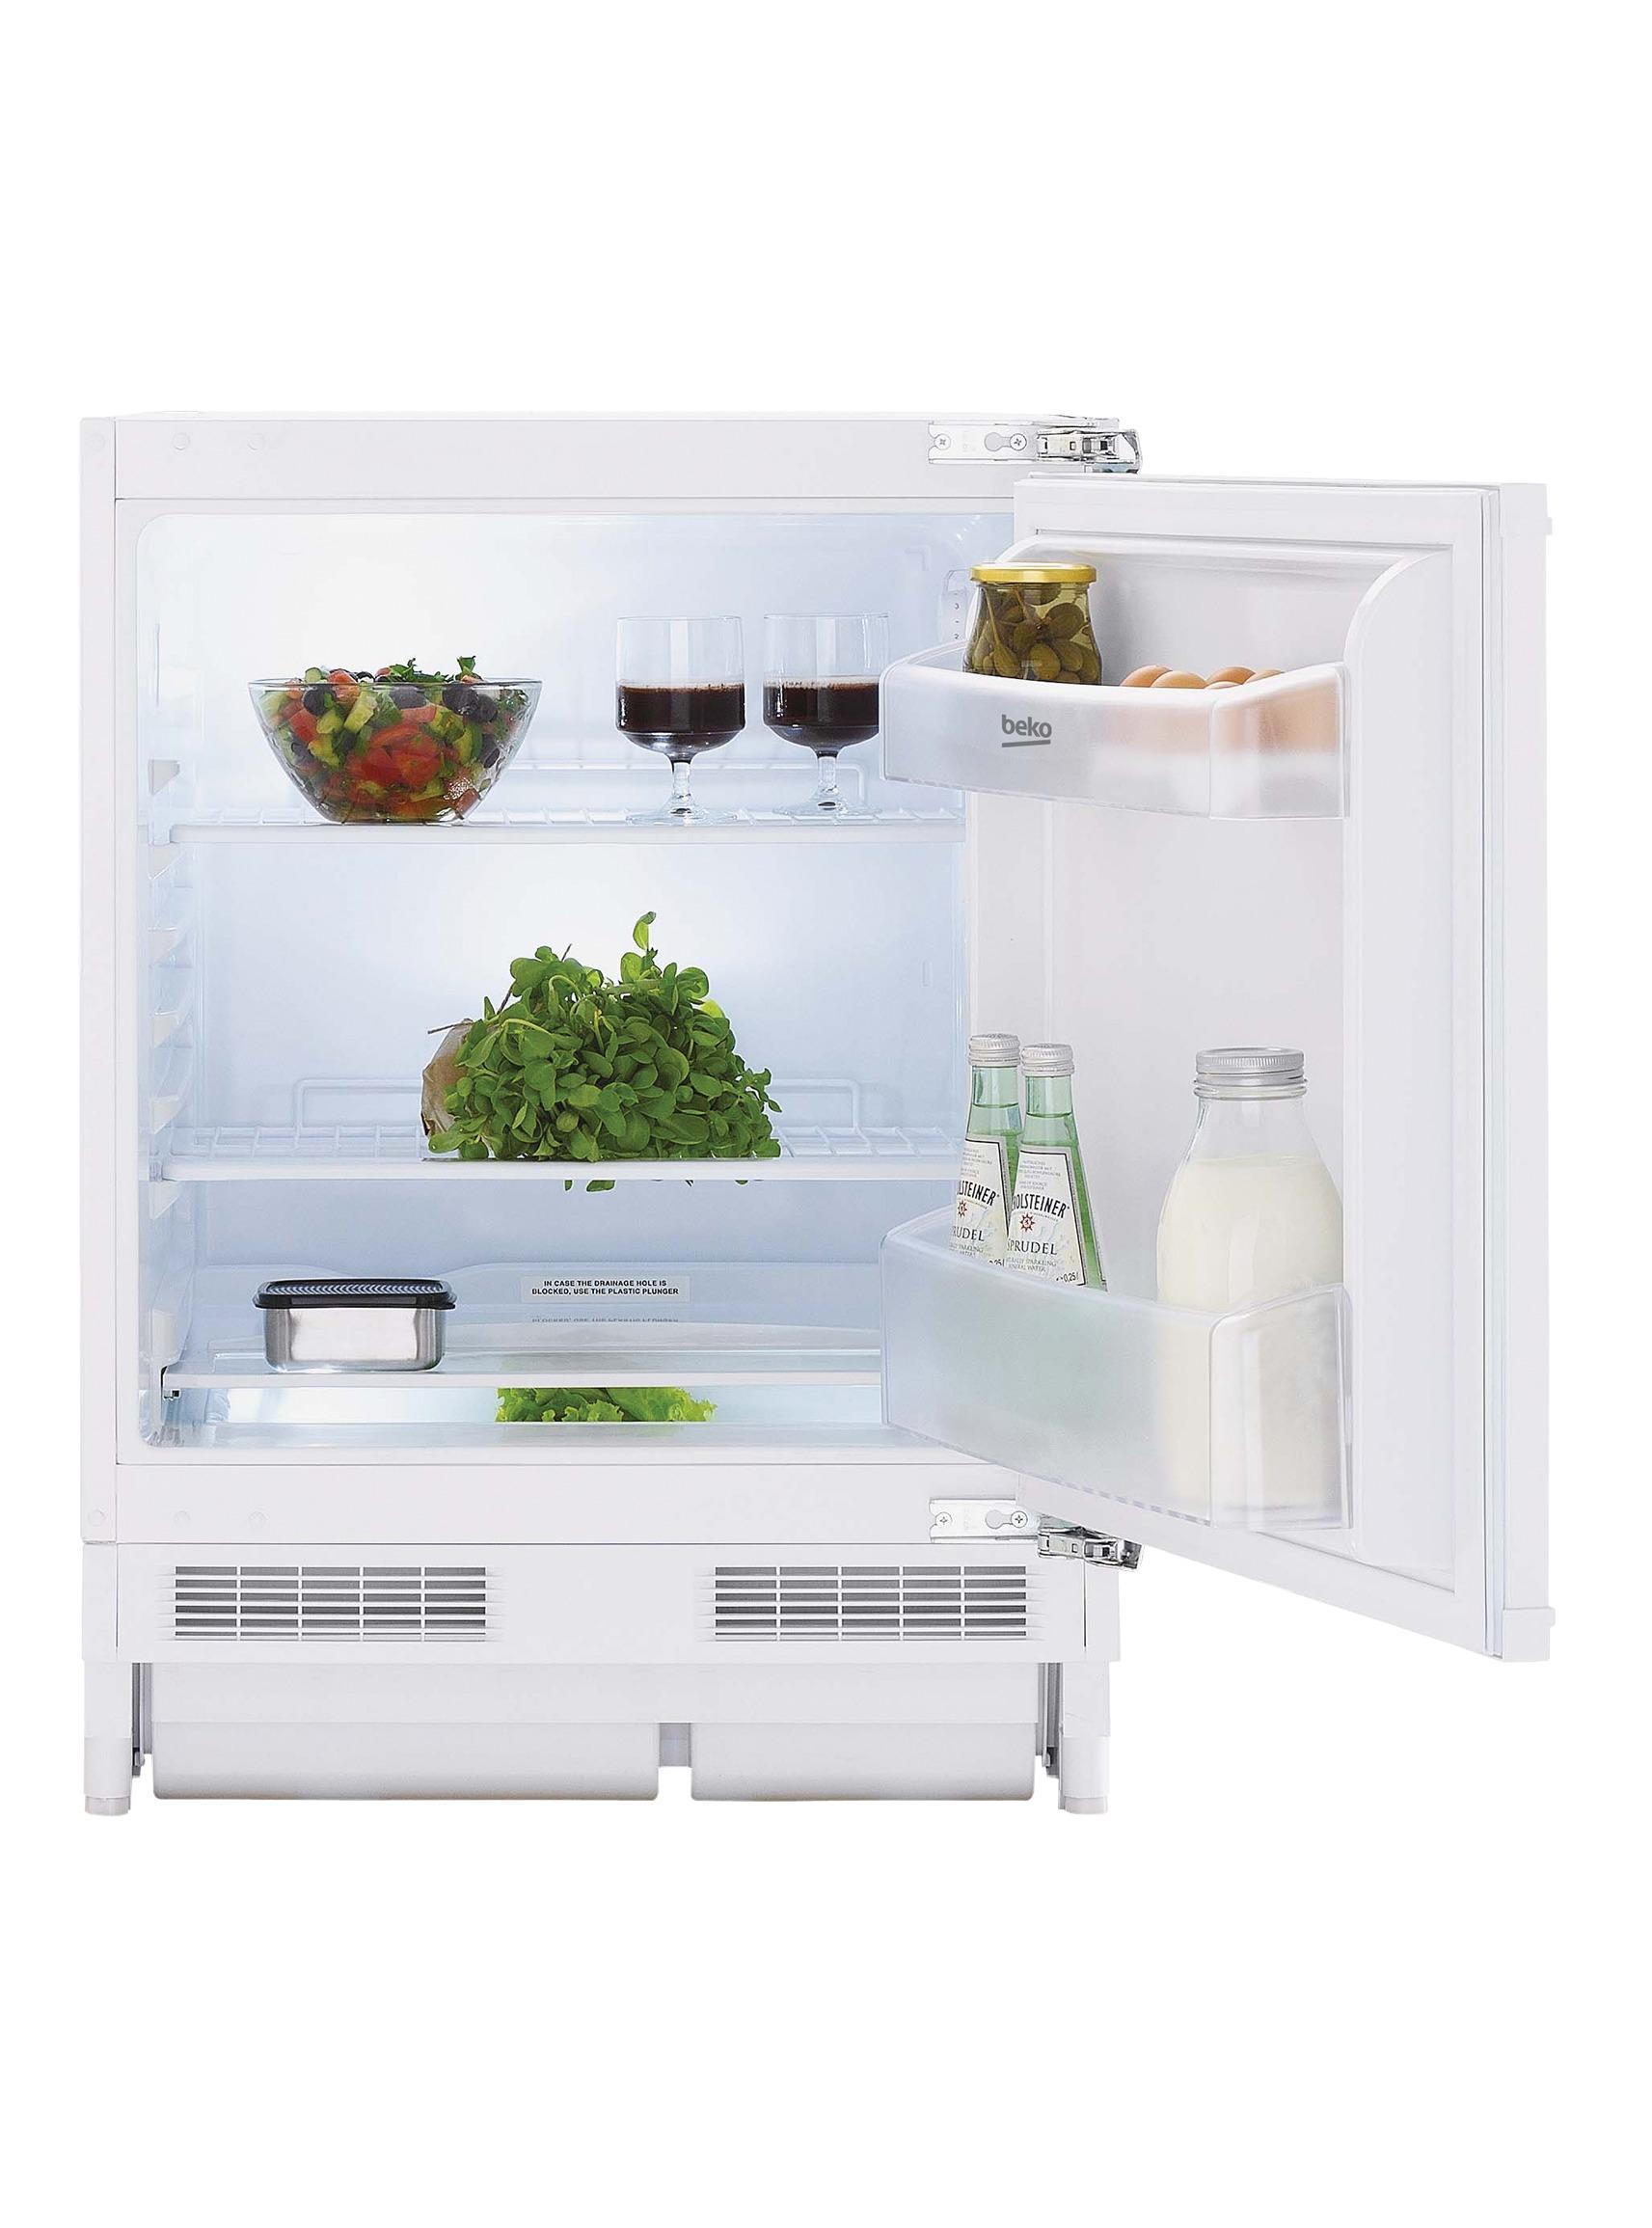 Beko BU1103N Inbouw koelkast